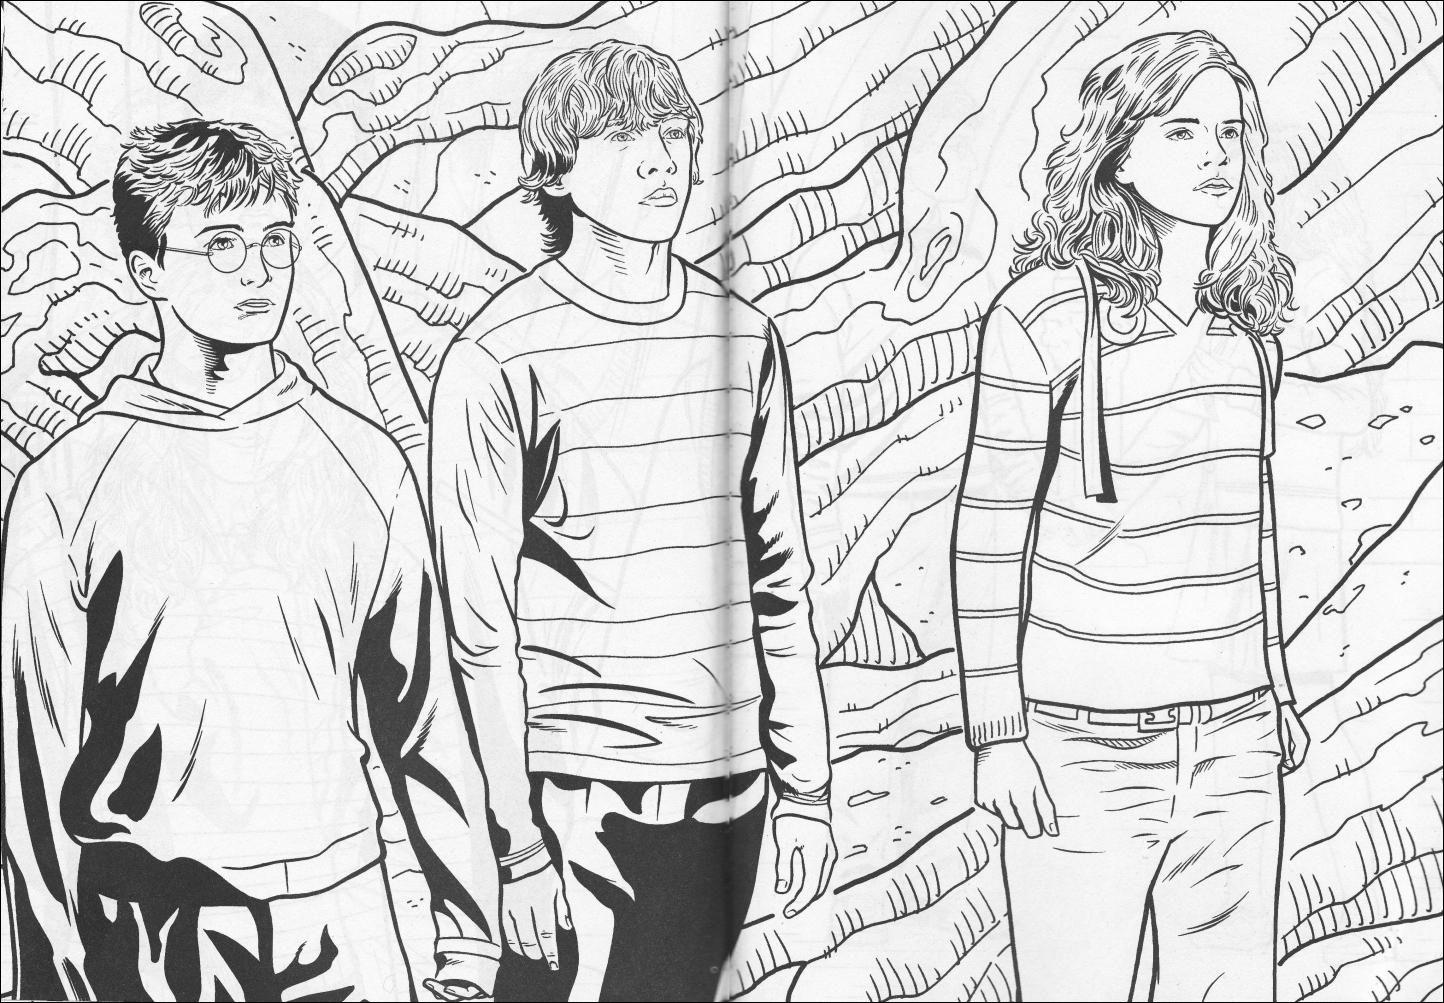 14 Magnifique Harry Potter Image A Imprimer Image Di 2020